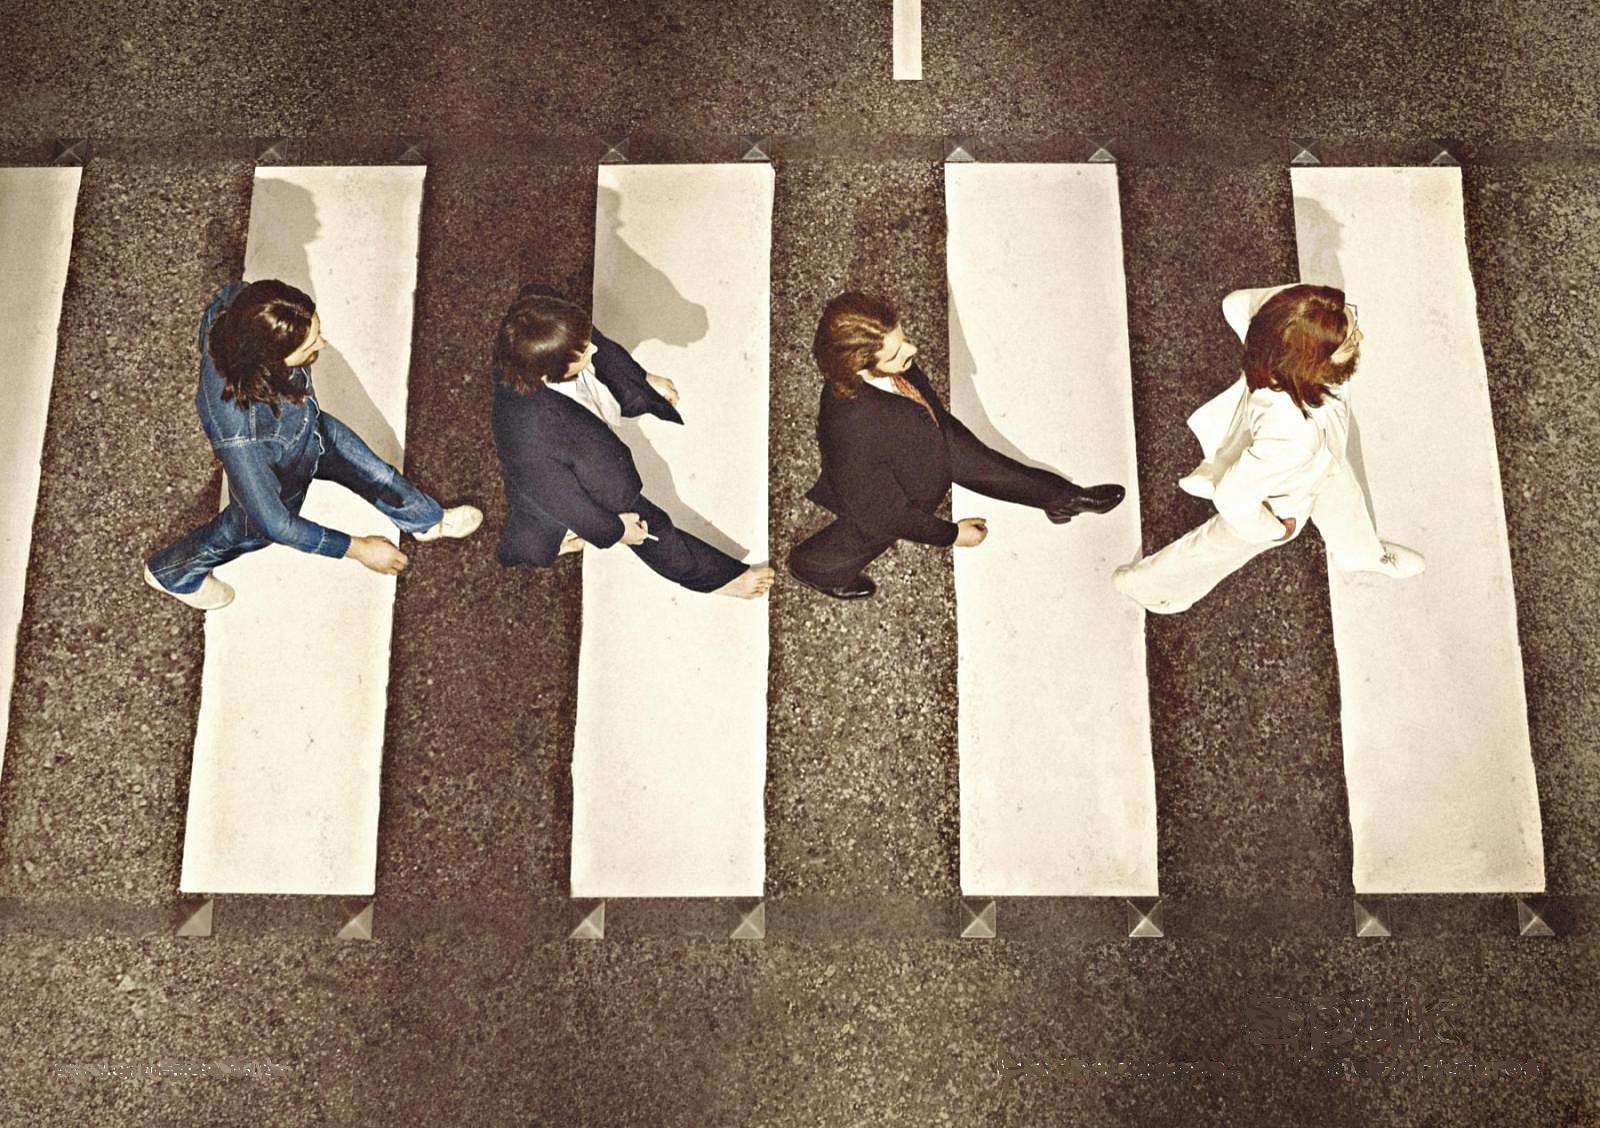 130 curiosidades dos Beatles que você provavelmente desconhece